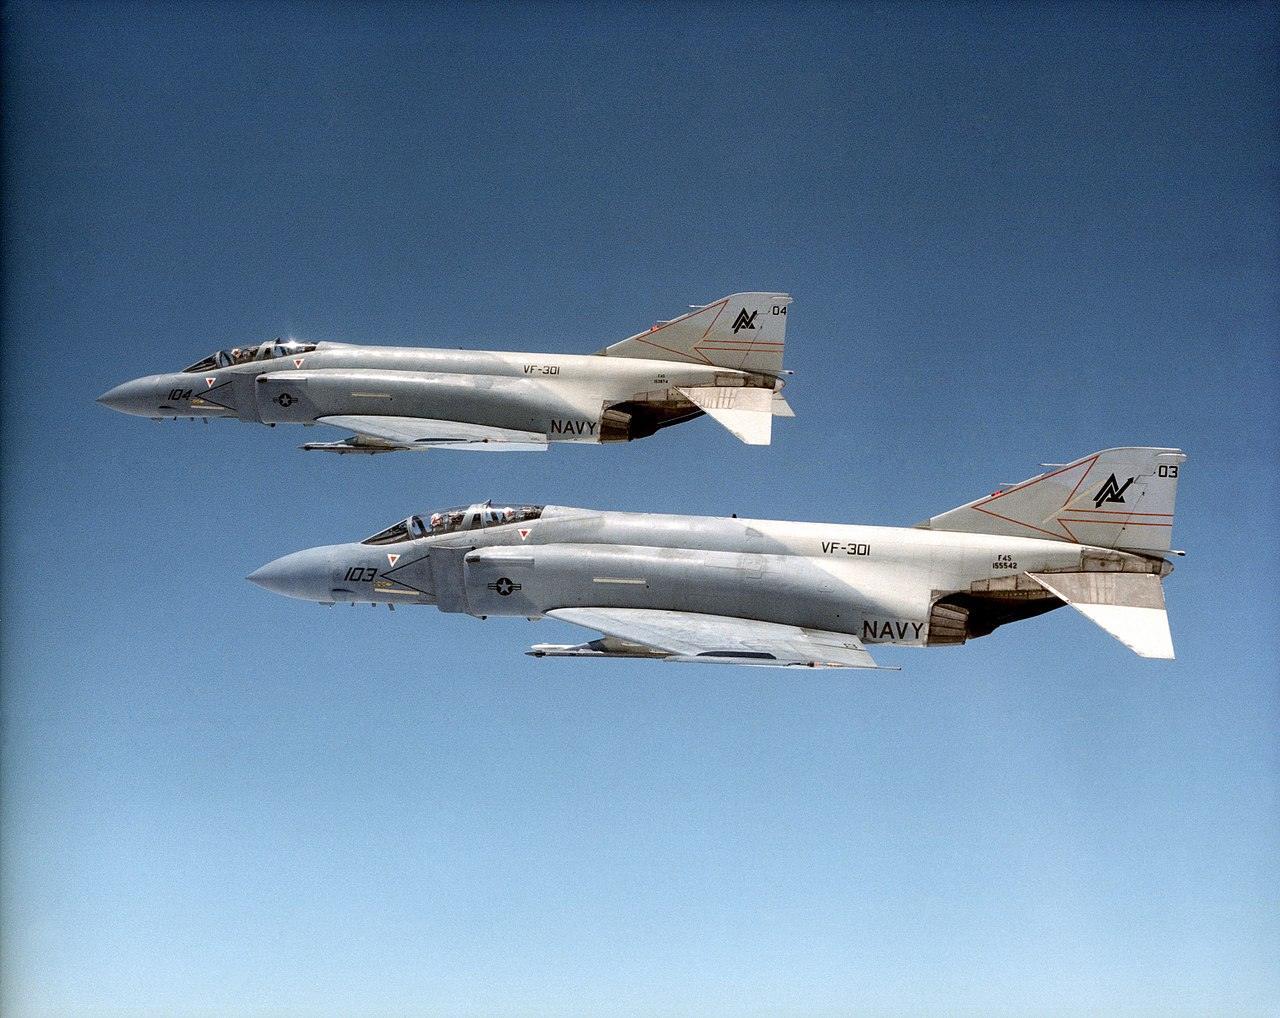 1280px-F-4_Phantom_II_VF-301.jpg